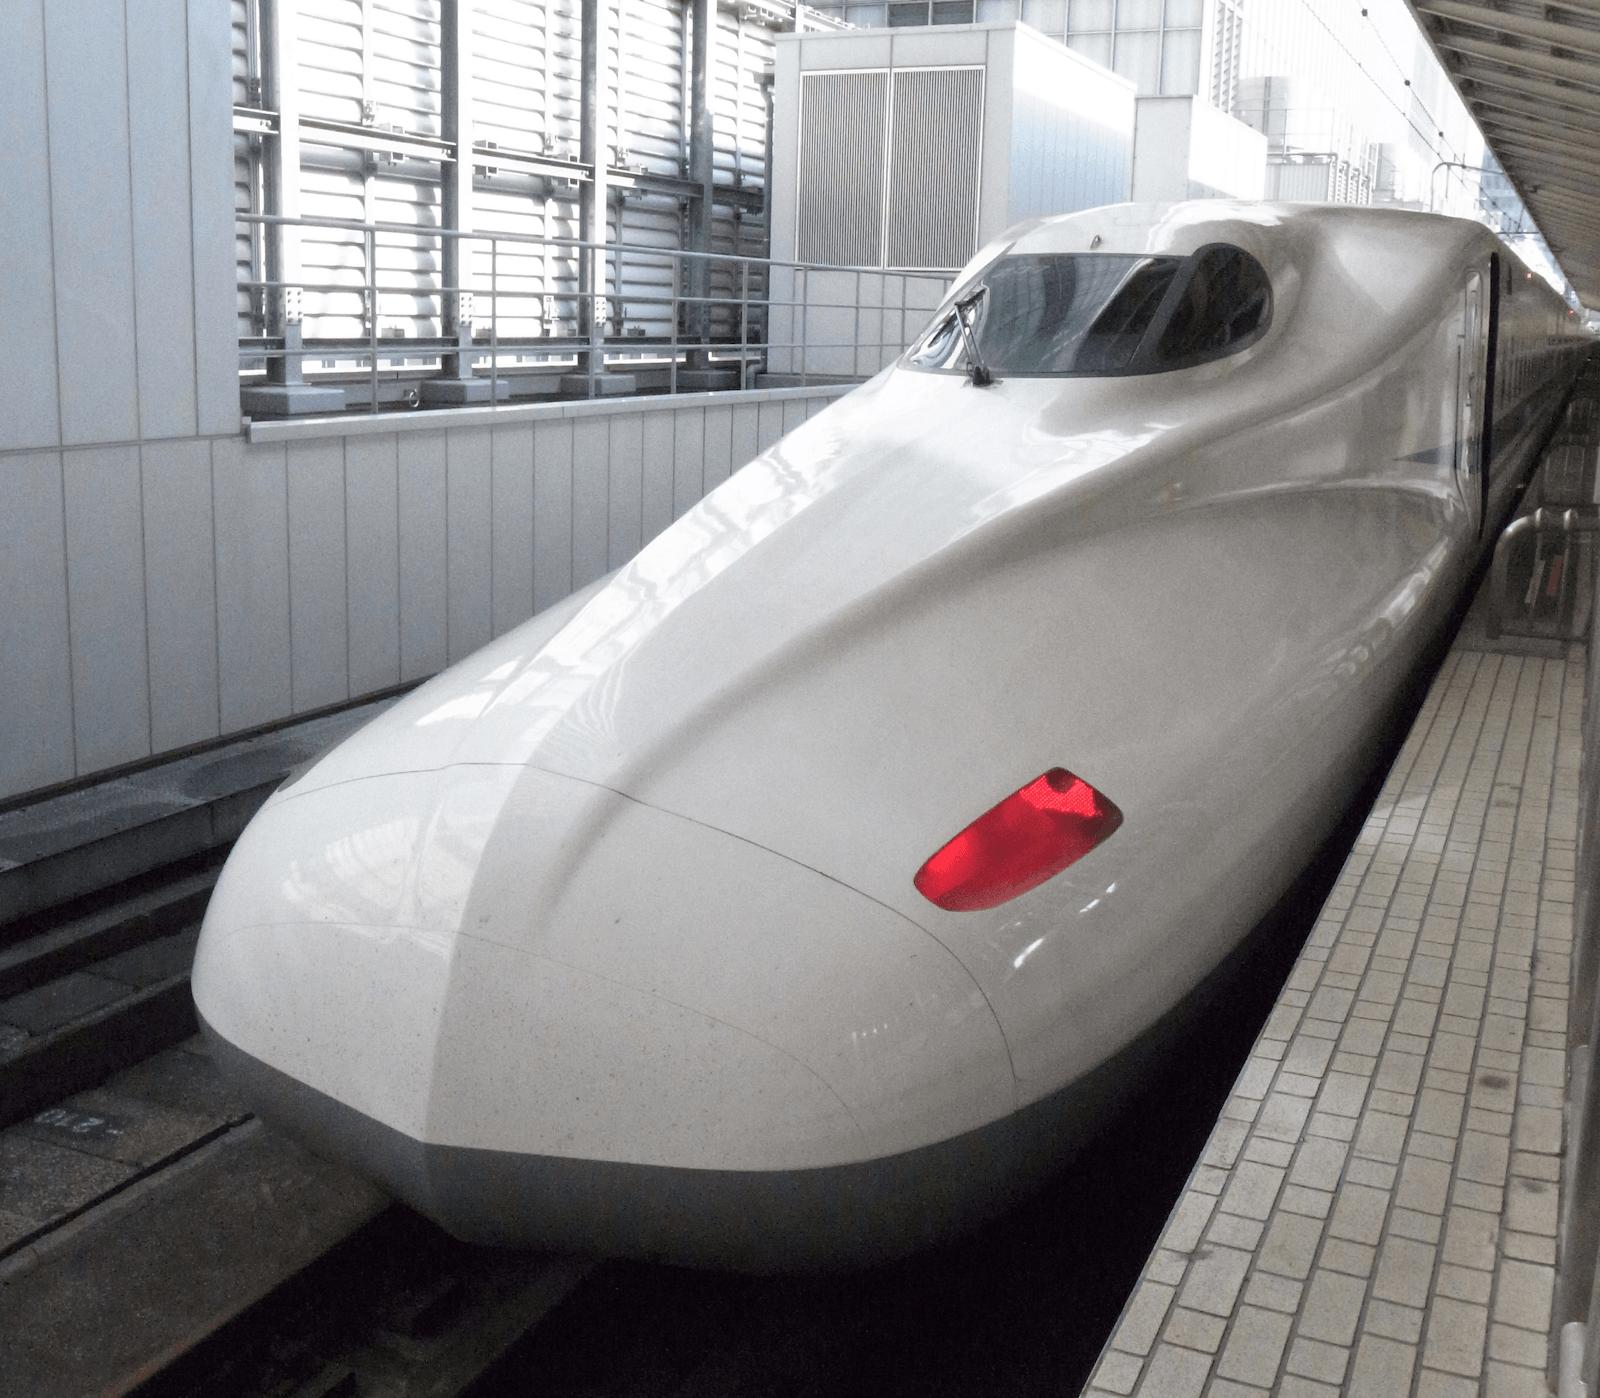 大阪から東京に移動するのにいろいろ調べたら、新幹線 最強 と思った次第です。